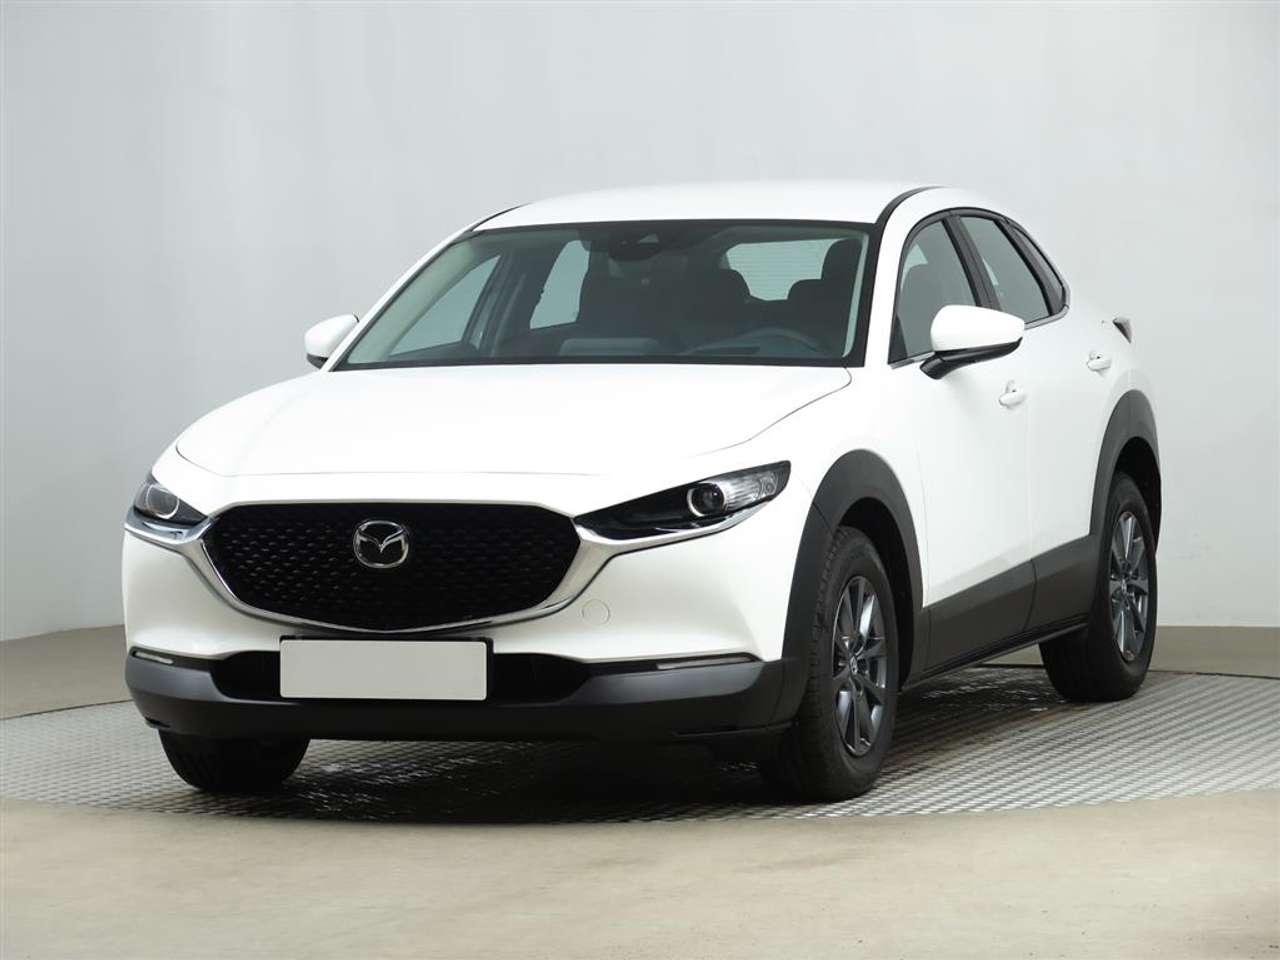 Mazda CX-30 SKYACTIV-G 2.0 M-Hybrid GARANTIE 03/2023 100tkm